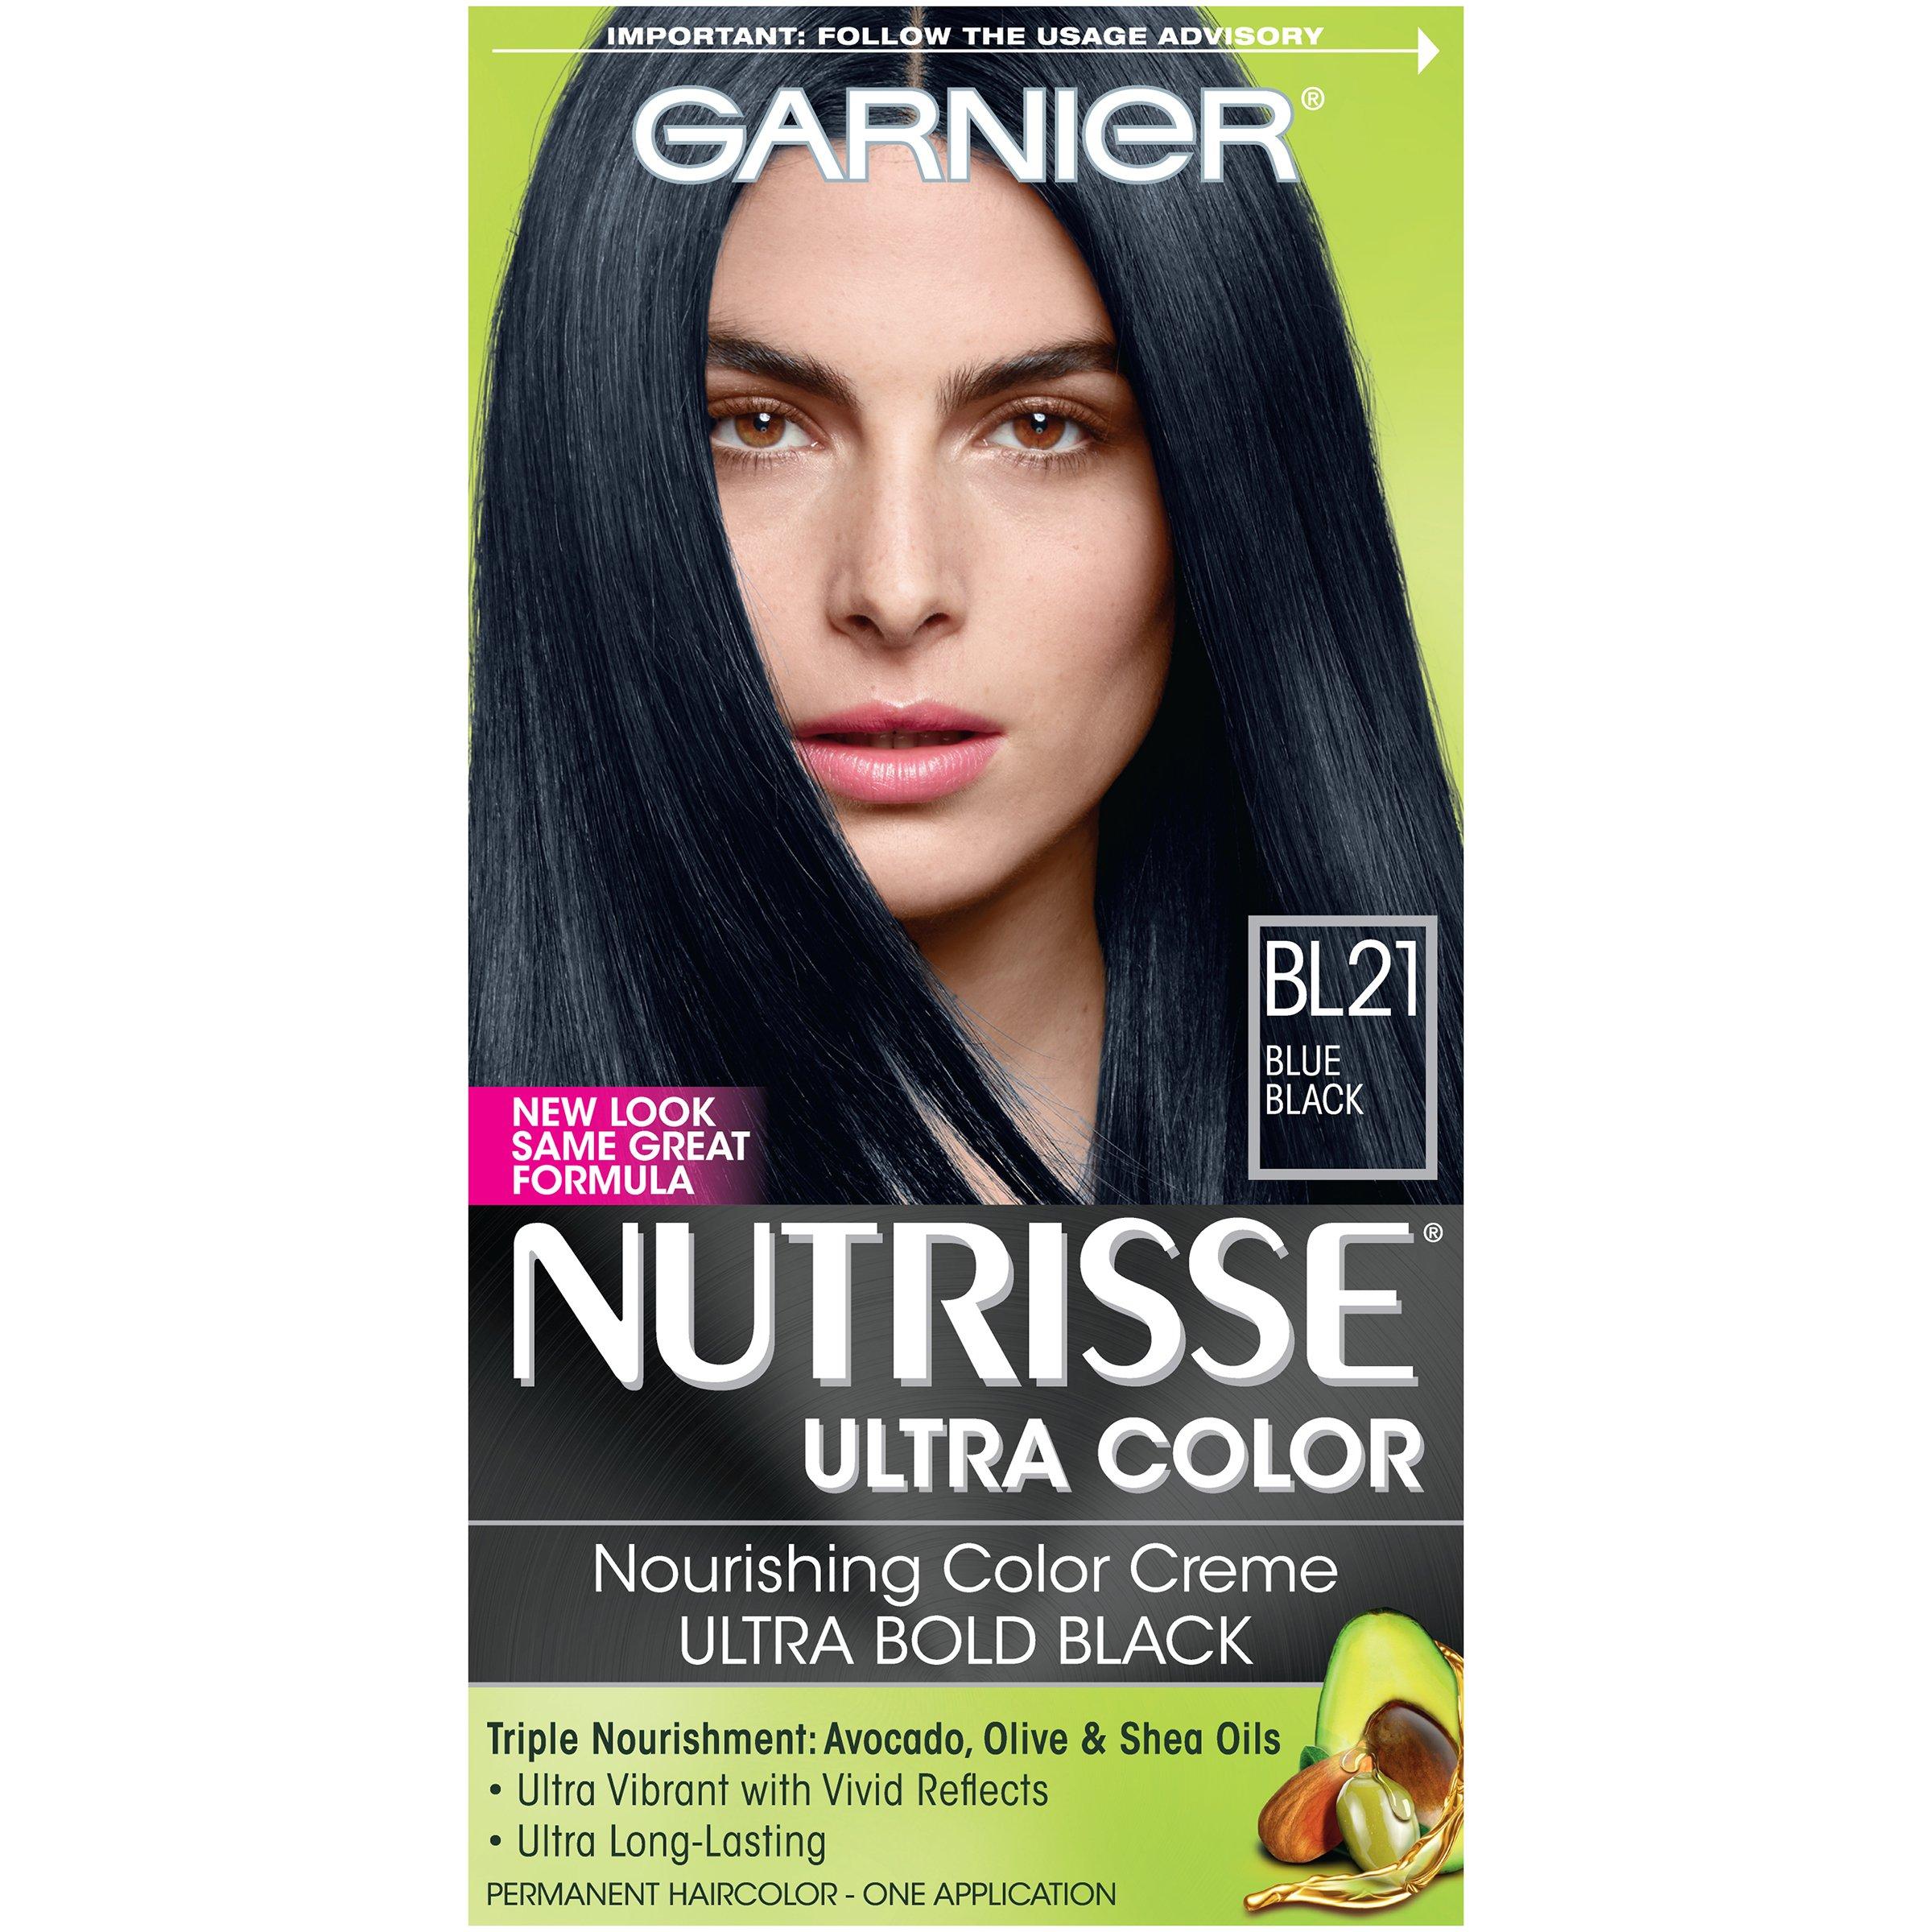 Cheap Garnier Hair Color Coupon Find Garnier Hair Color Coupon